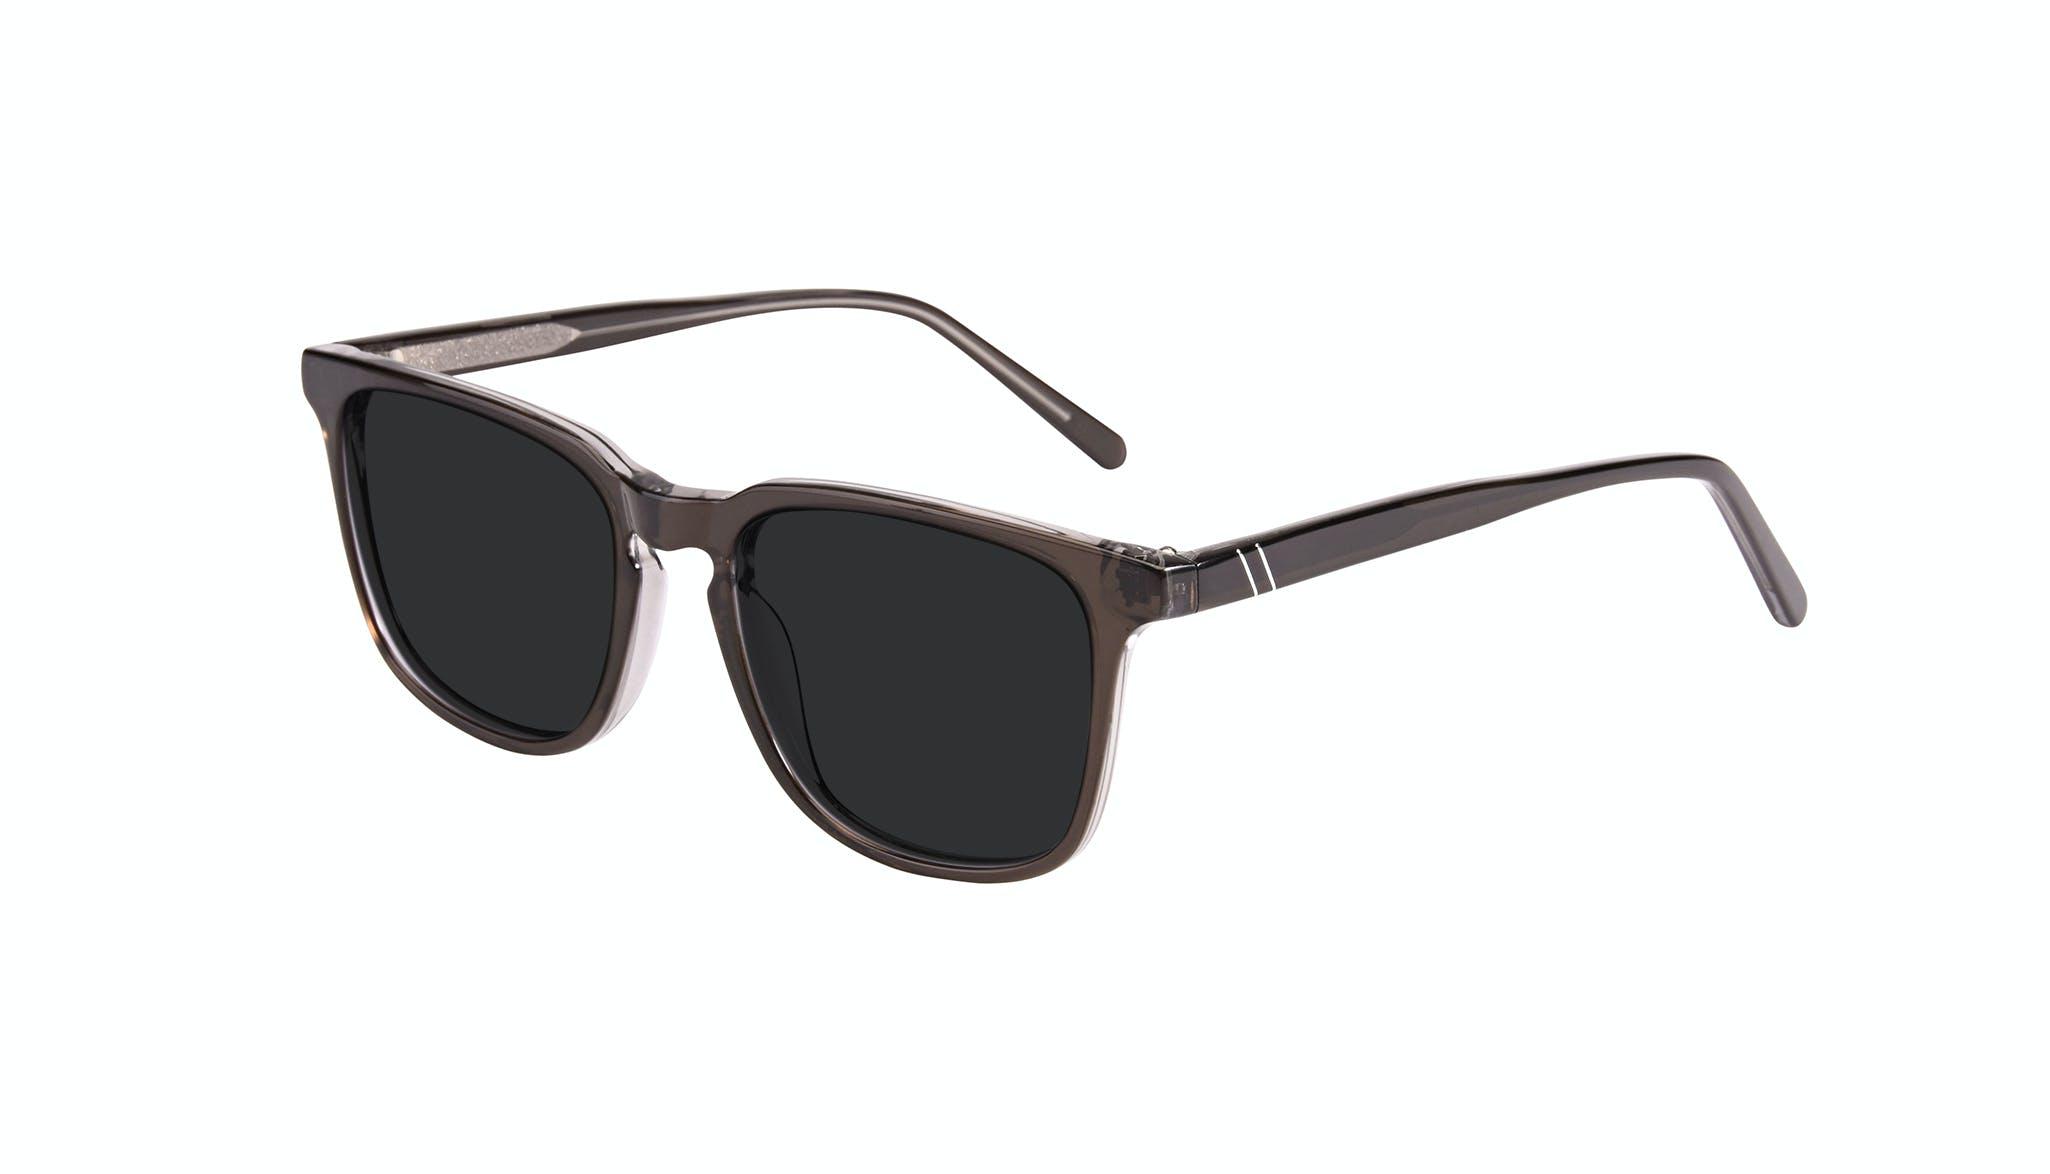 Affordable Fashion Glasses Rectangle Square Sunglasses Men Peak Black Ice Tilt